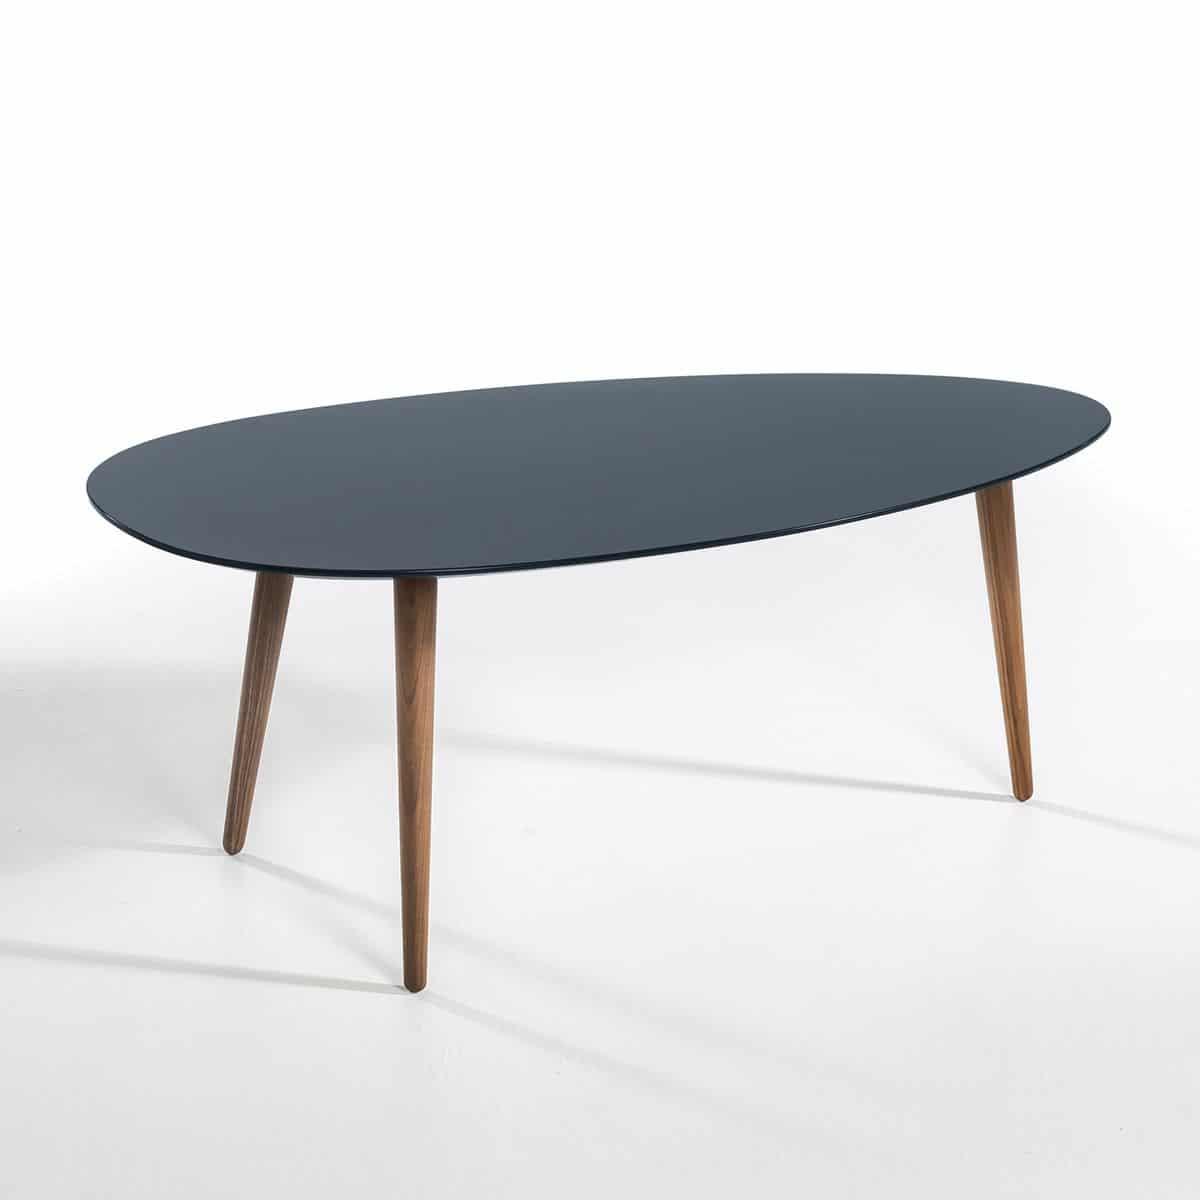 table basse scandinave: 33 modèles d'inspiration nordique (2018)